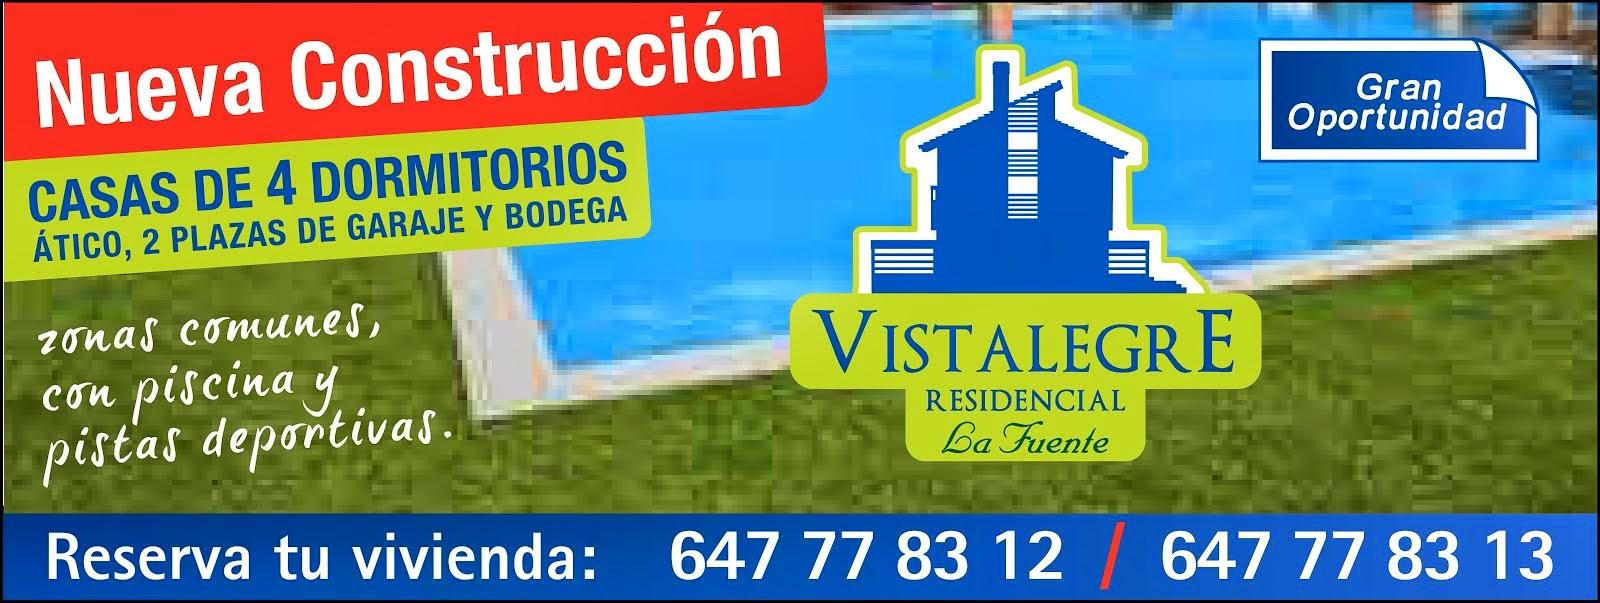 Residencial La Fuente.- VISTA ALEGRE